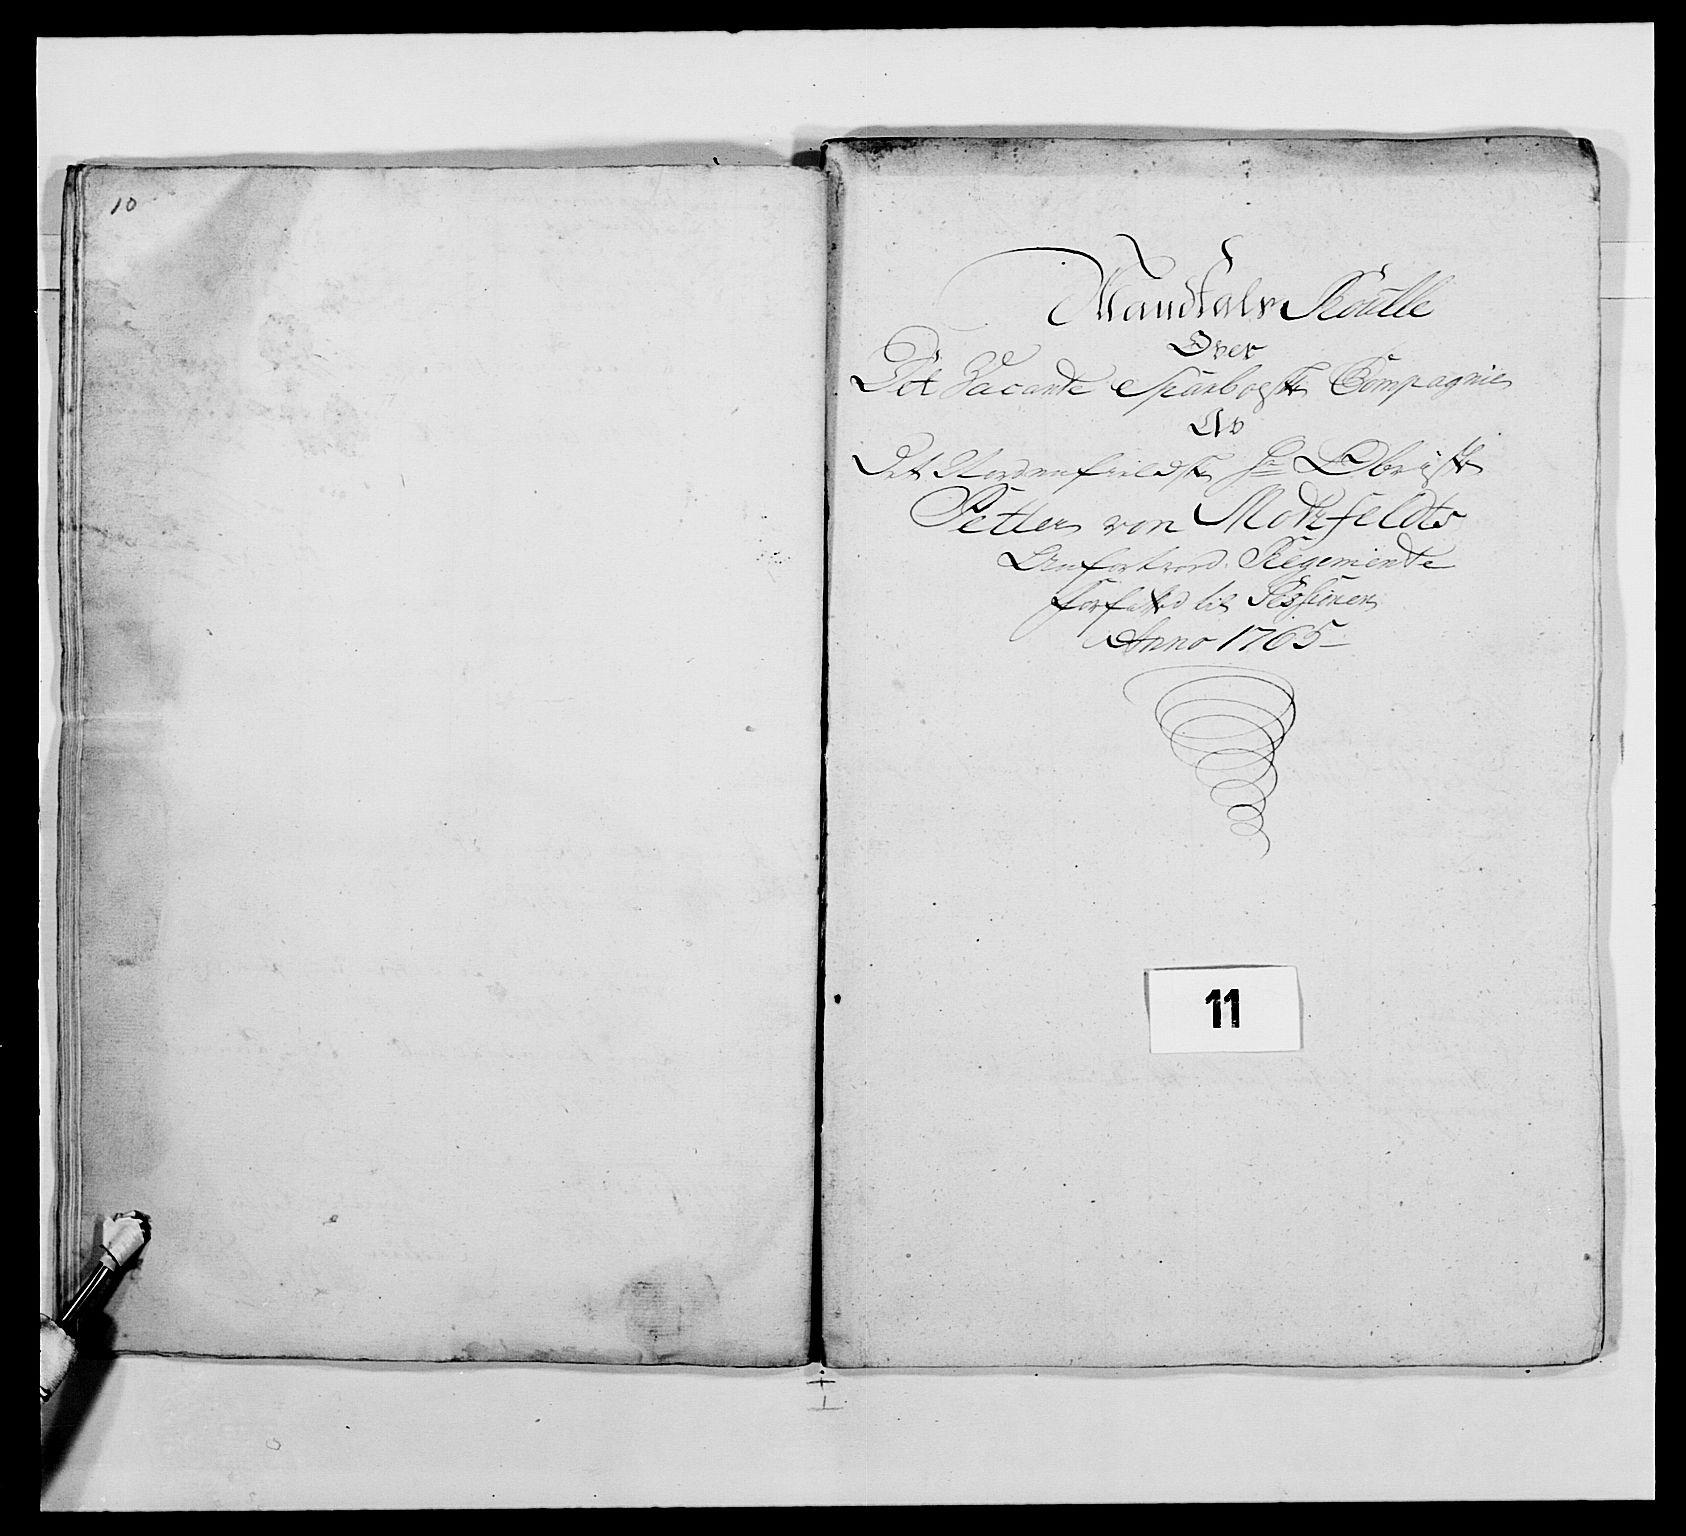 RA, Kommanderende general (KG I) med Det norske krigsdirektorium, E/Ea/L0483: Nordafjelske dragonregiment, 1765-1767, s. 241